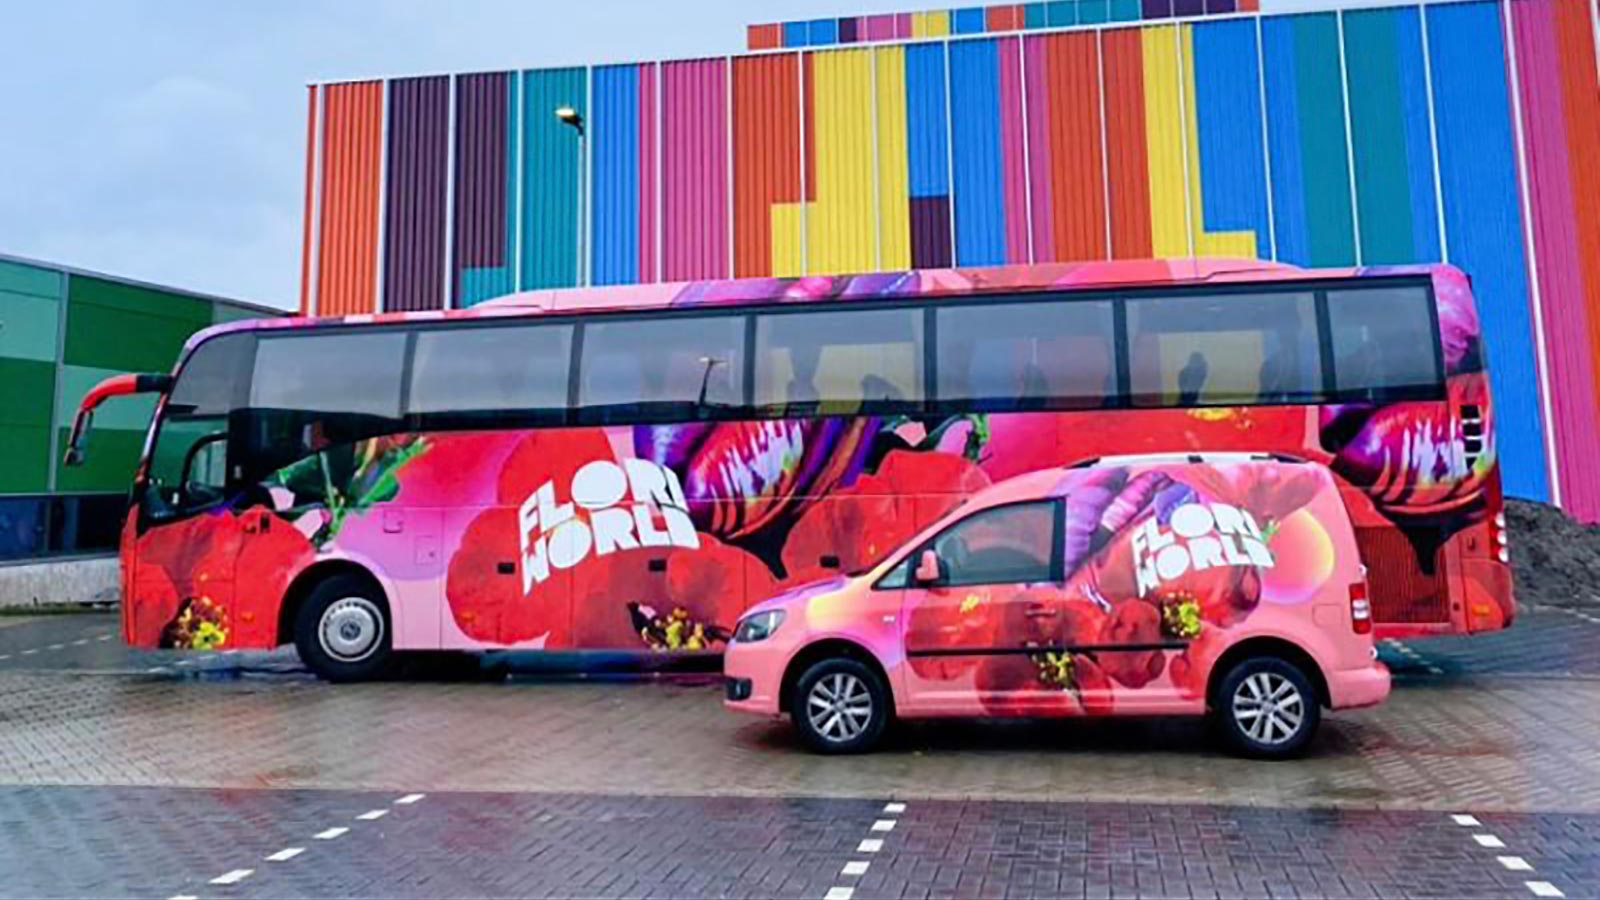 Van Riemsdijk Reklame - Voertuigen - Floriworld - 1 - Diensten: Autoreclame, binnenreclame, uitenreclame en lichtreclame